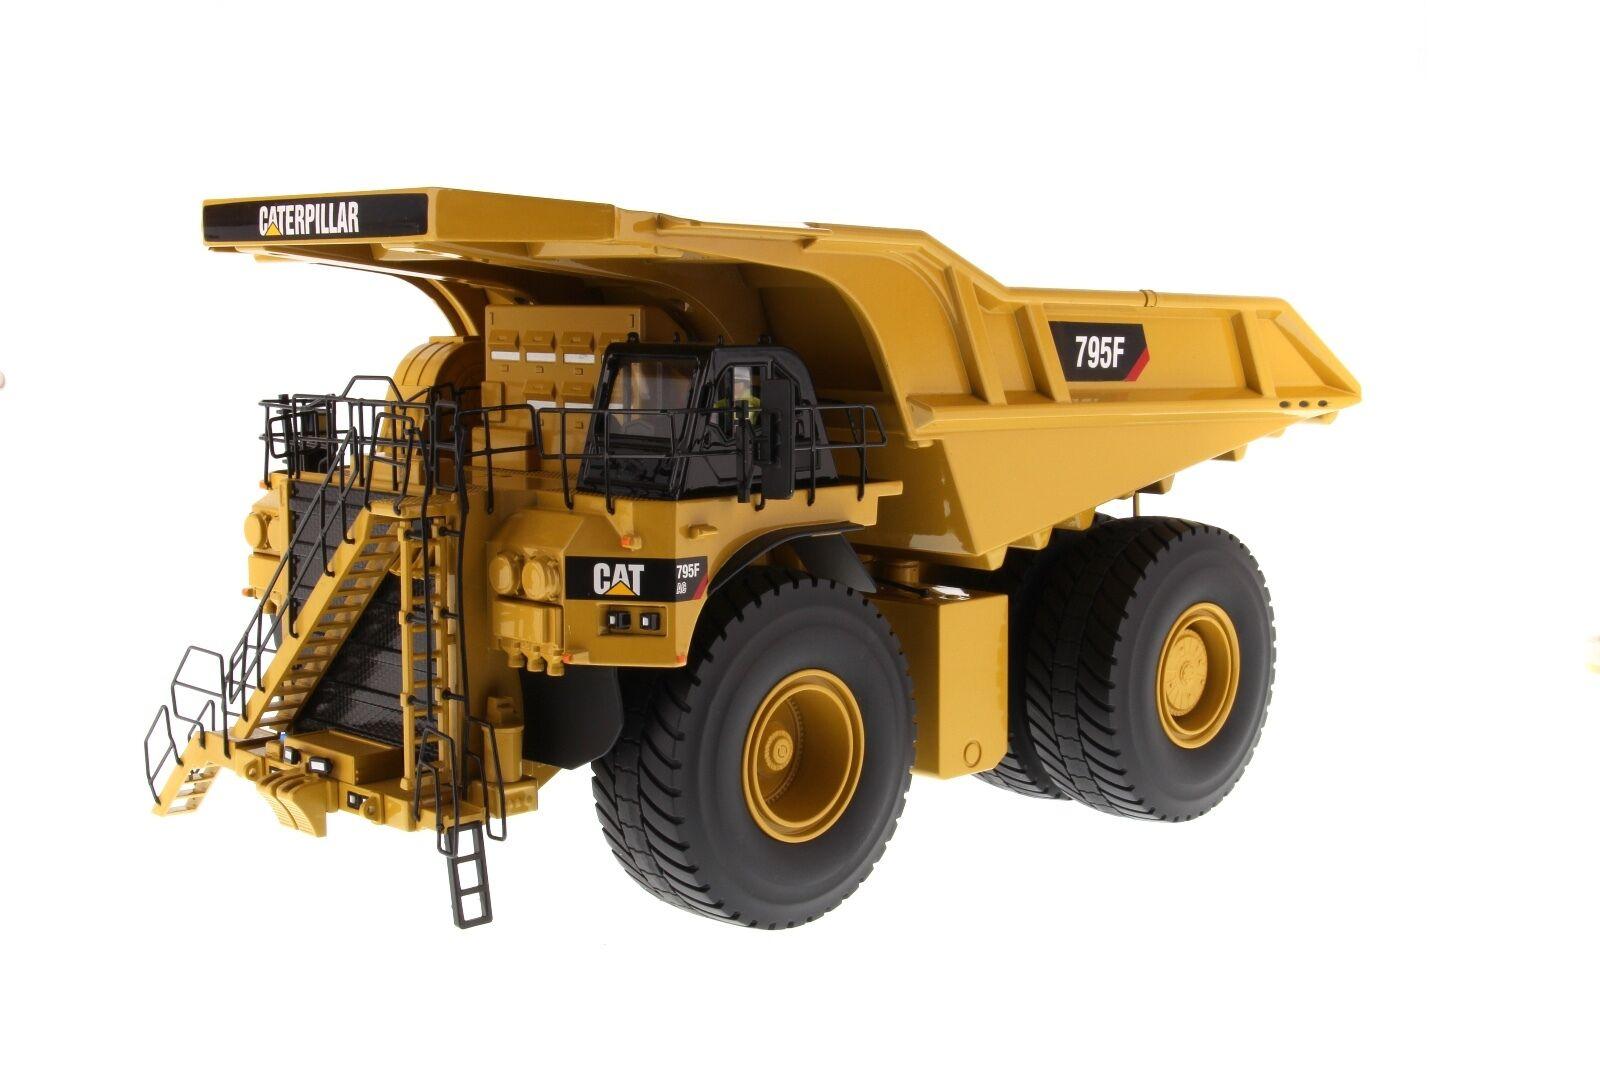 Caterpillar  1:50 Escala Camión Cat 795F AC minería-Diecast Masters 85515